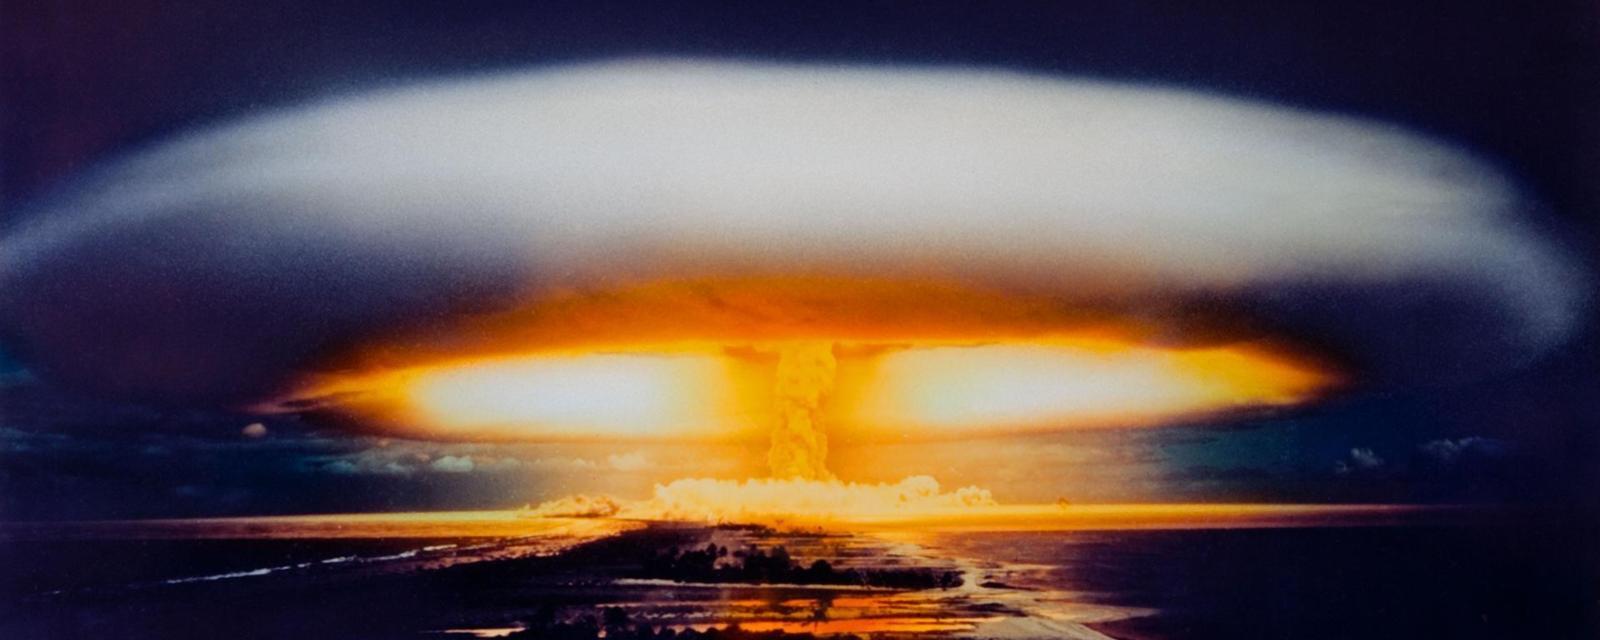 Zar Bombe